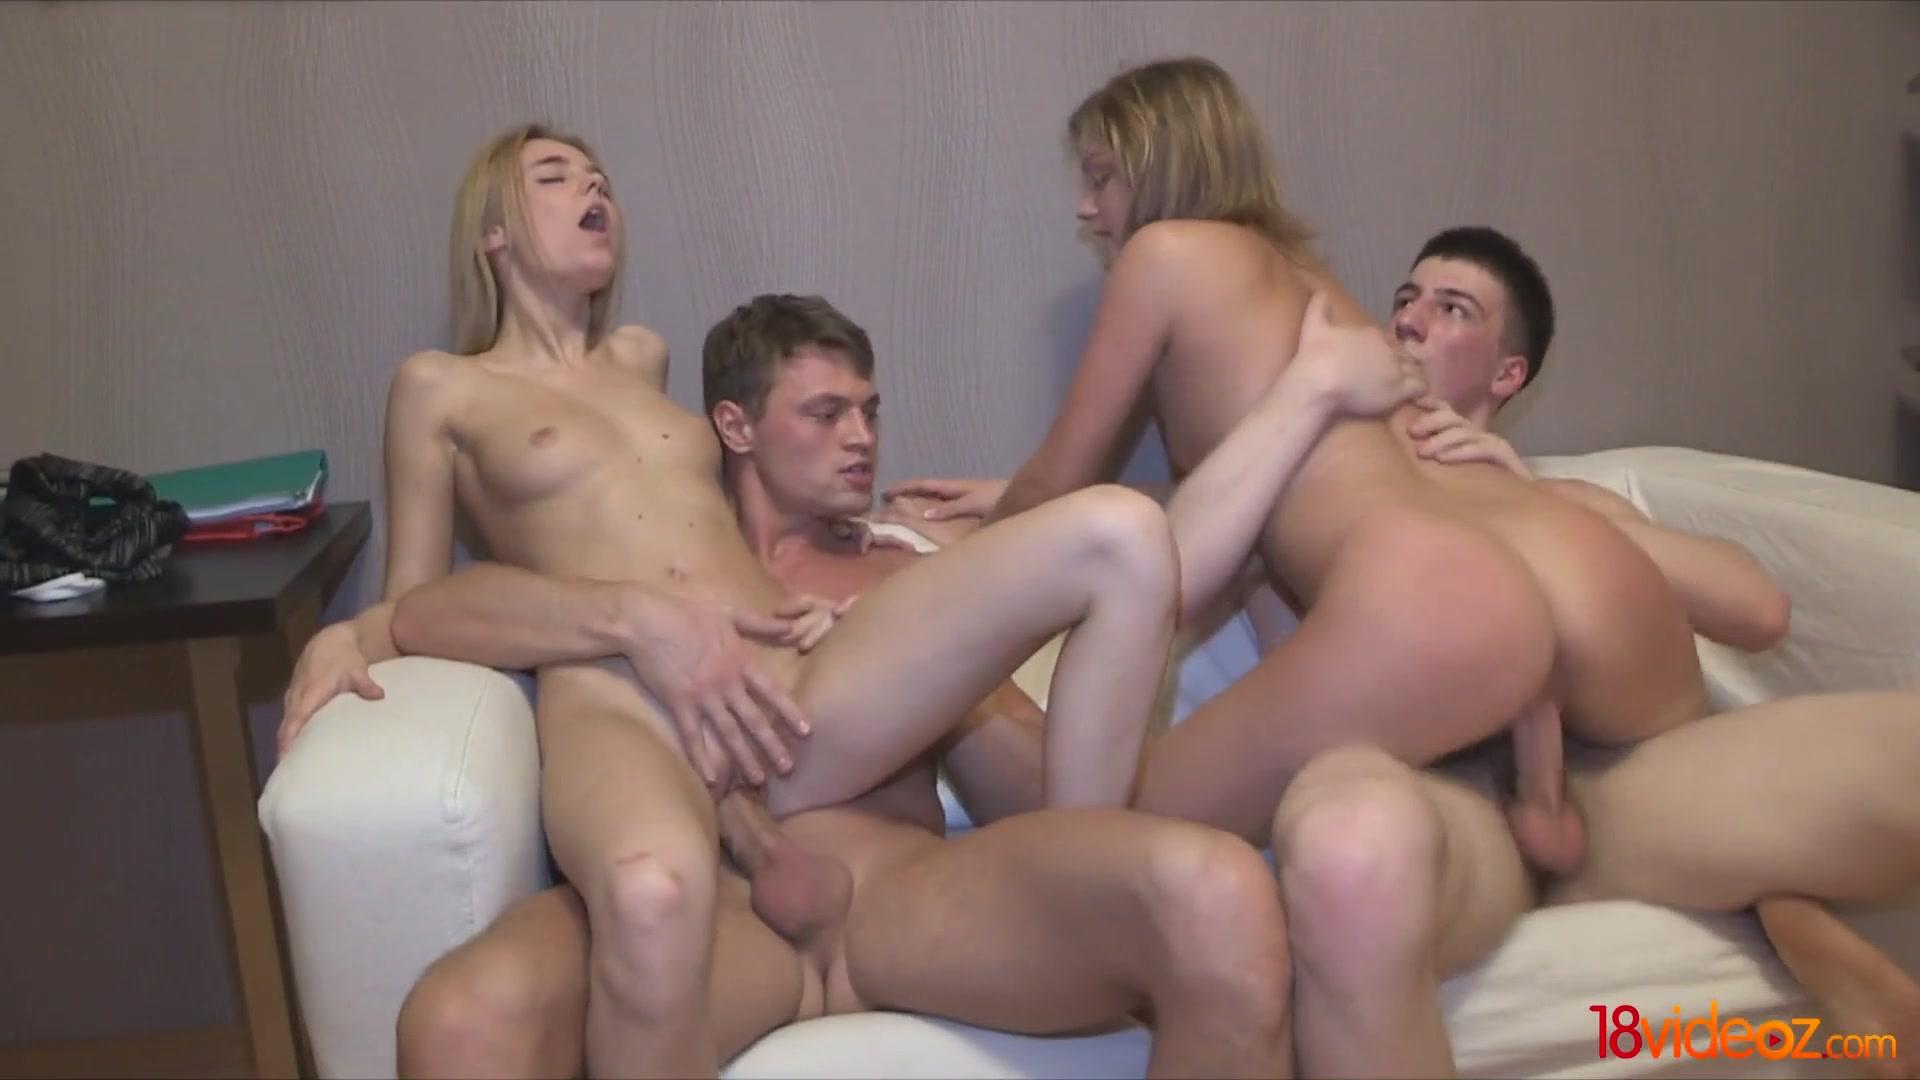 Порно жена групповое — 6